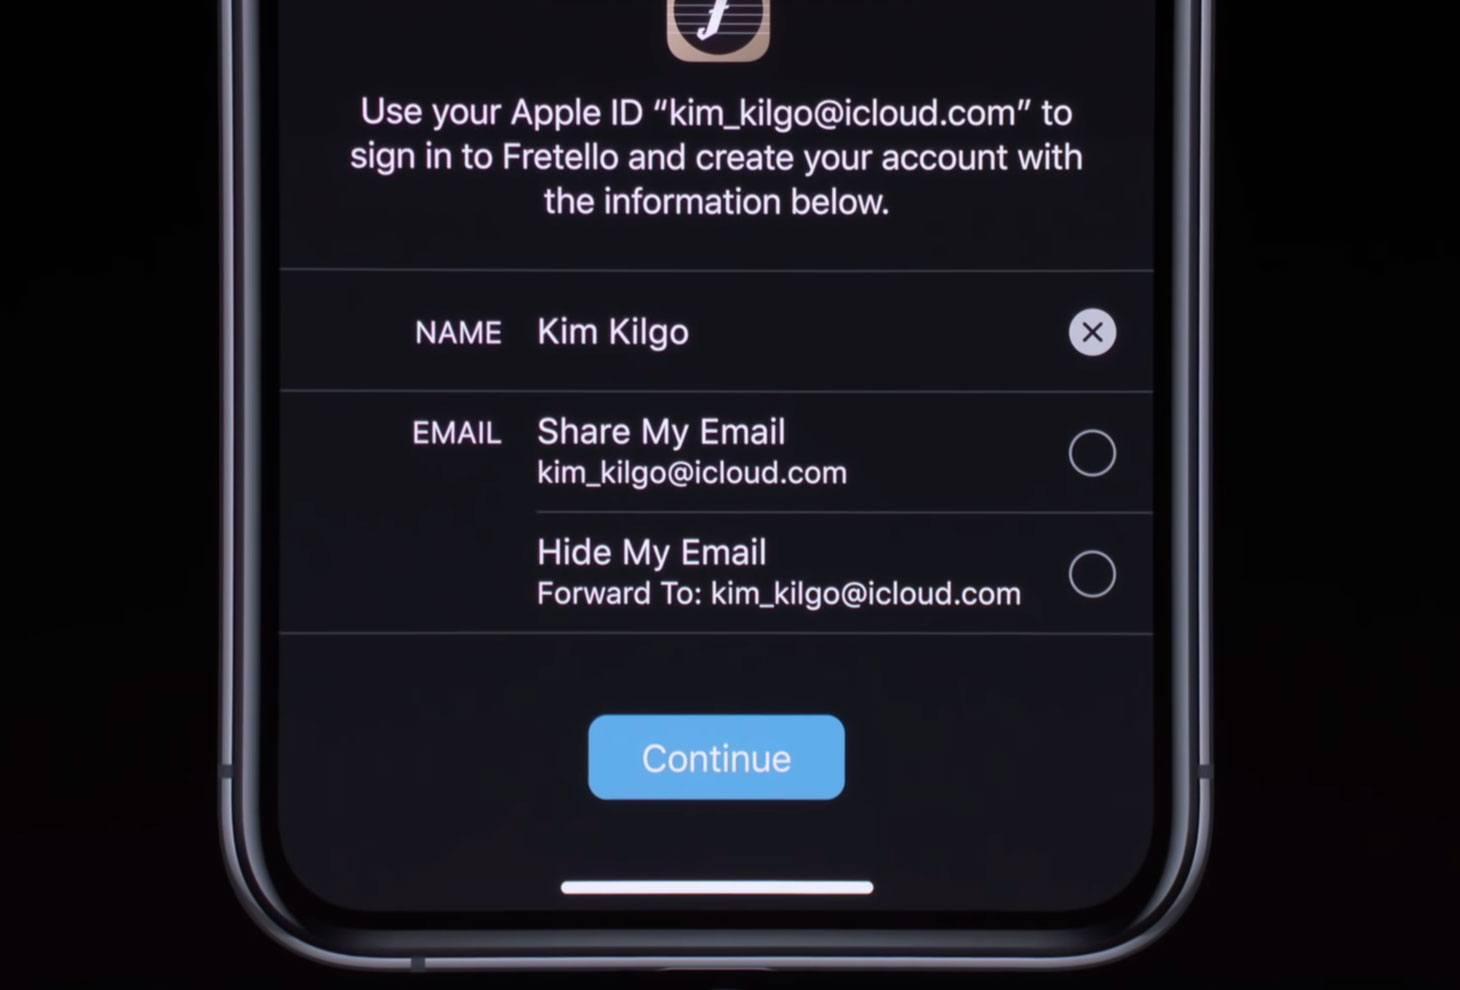 Sign in с Apple: выбор, какой e-mail использовать для логина — настоящий или случайно сгенерированный